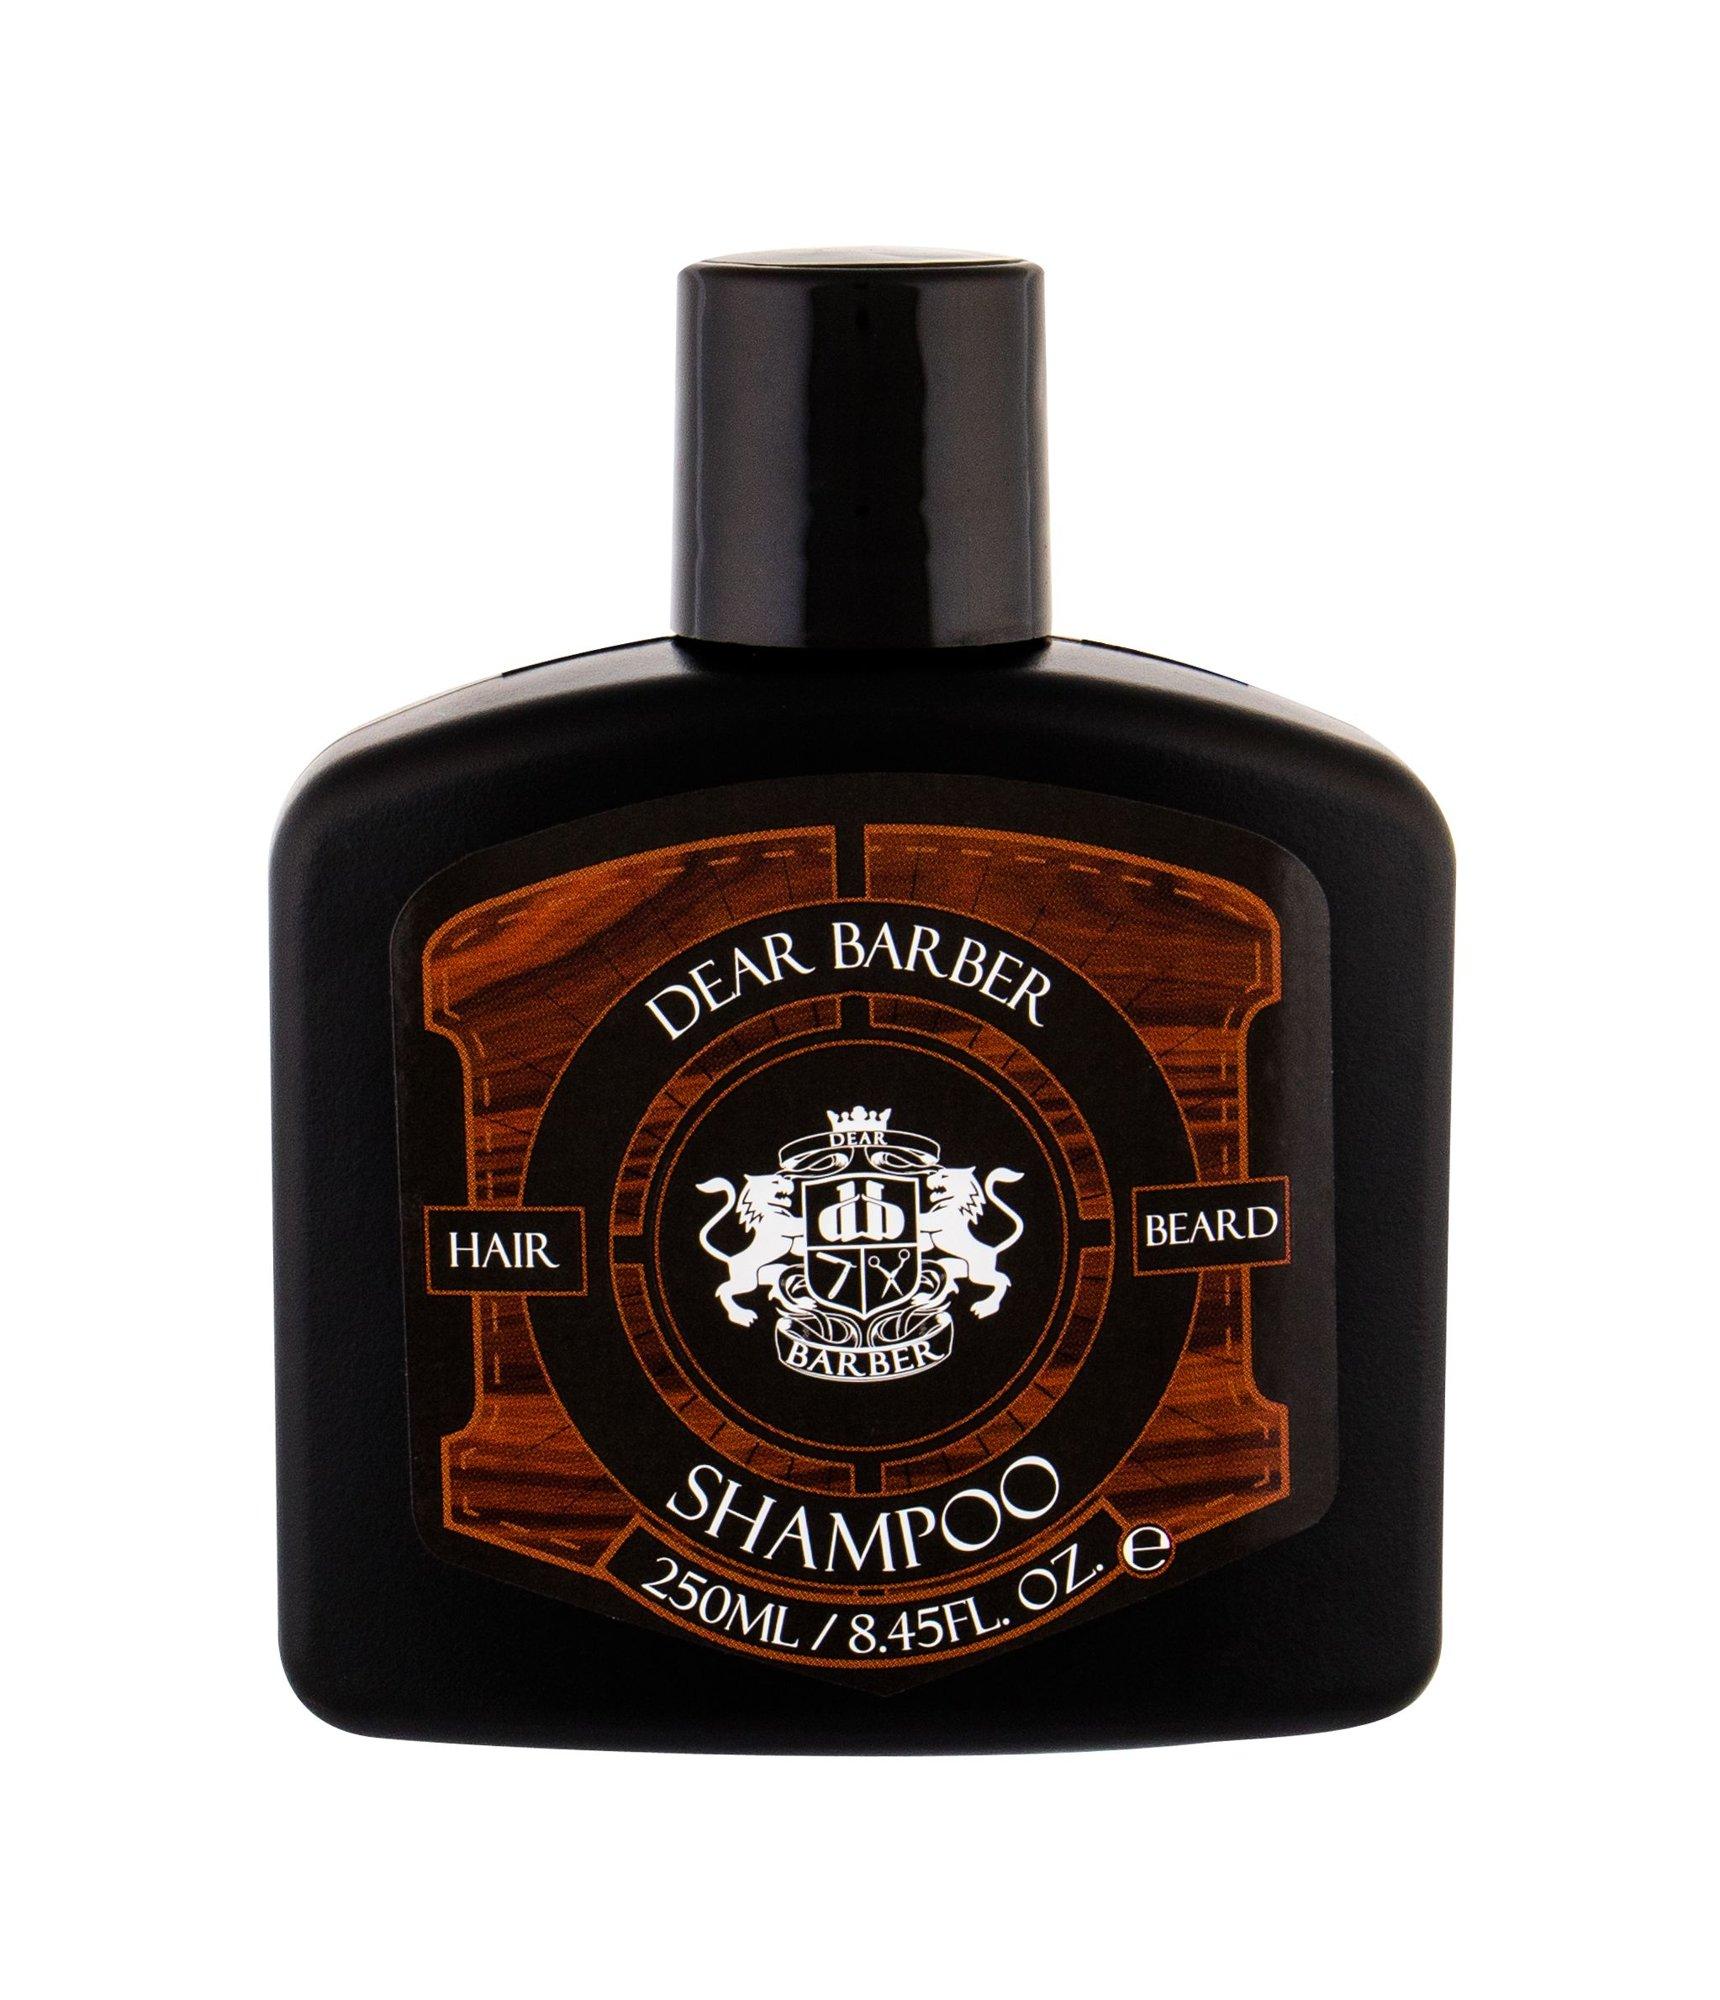 DEAR BARBER Shampoo Shampoo 250ml